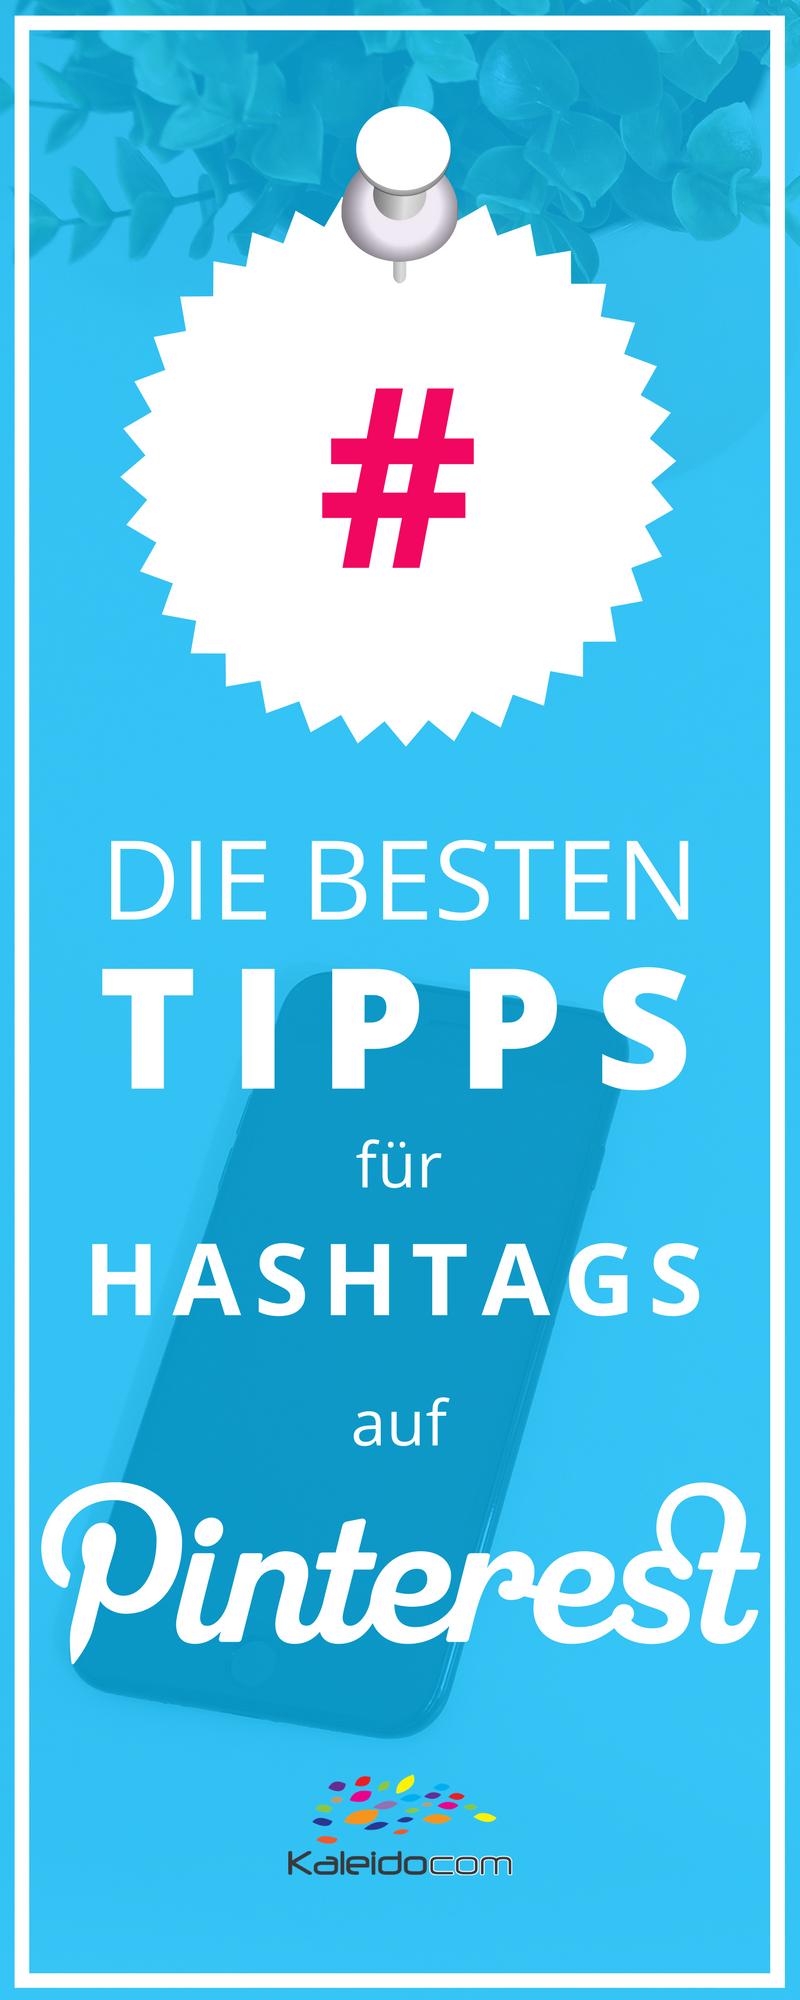 In der zweiten Jahreshälfte 2017 wurden auf Pinterest klickbare Hashtags eingeführt. Die besten Tipps für Hashtags auf Pinterest hier lesen. #pinteresttipp #pinterestmarketing